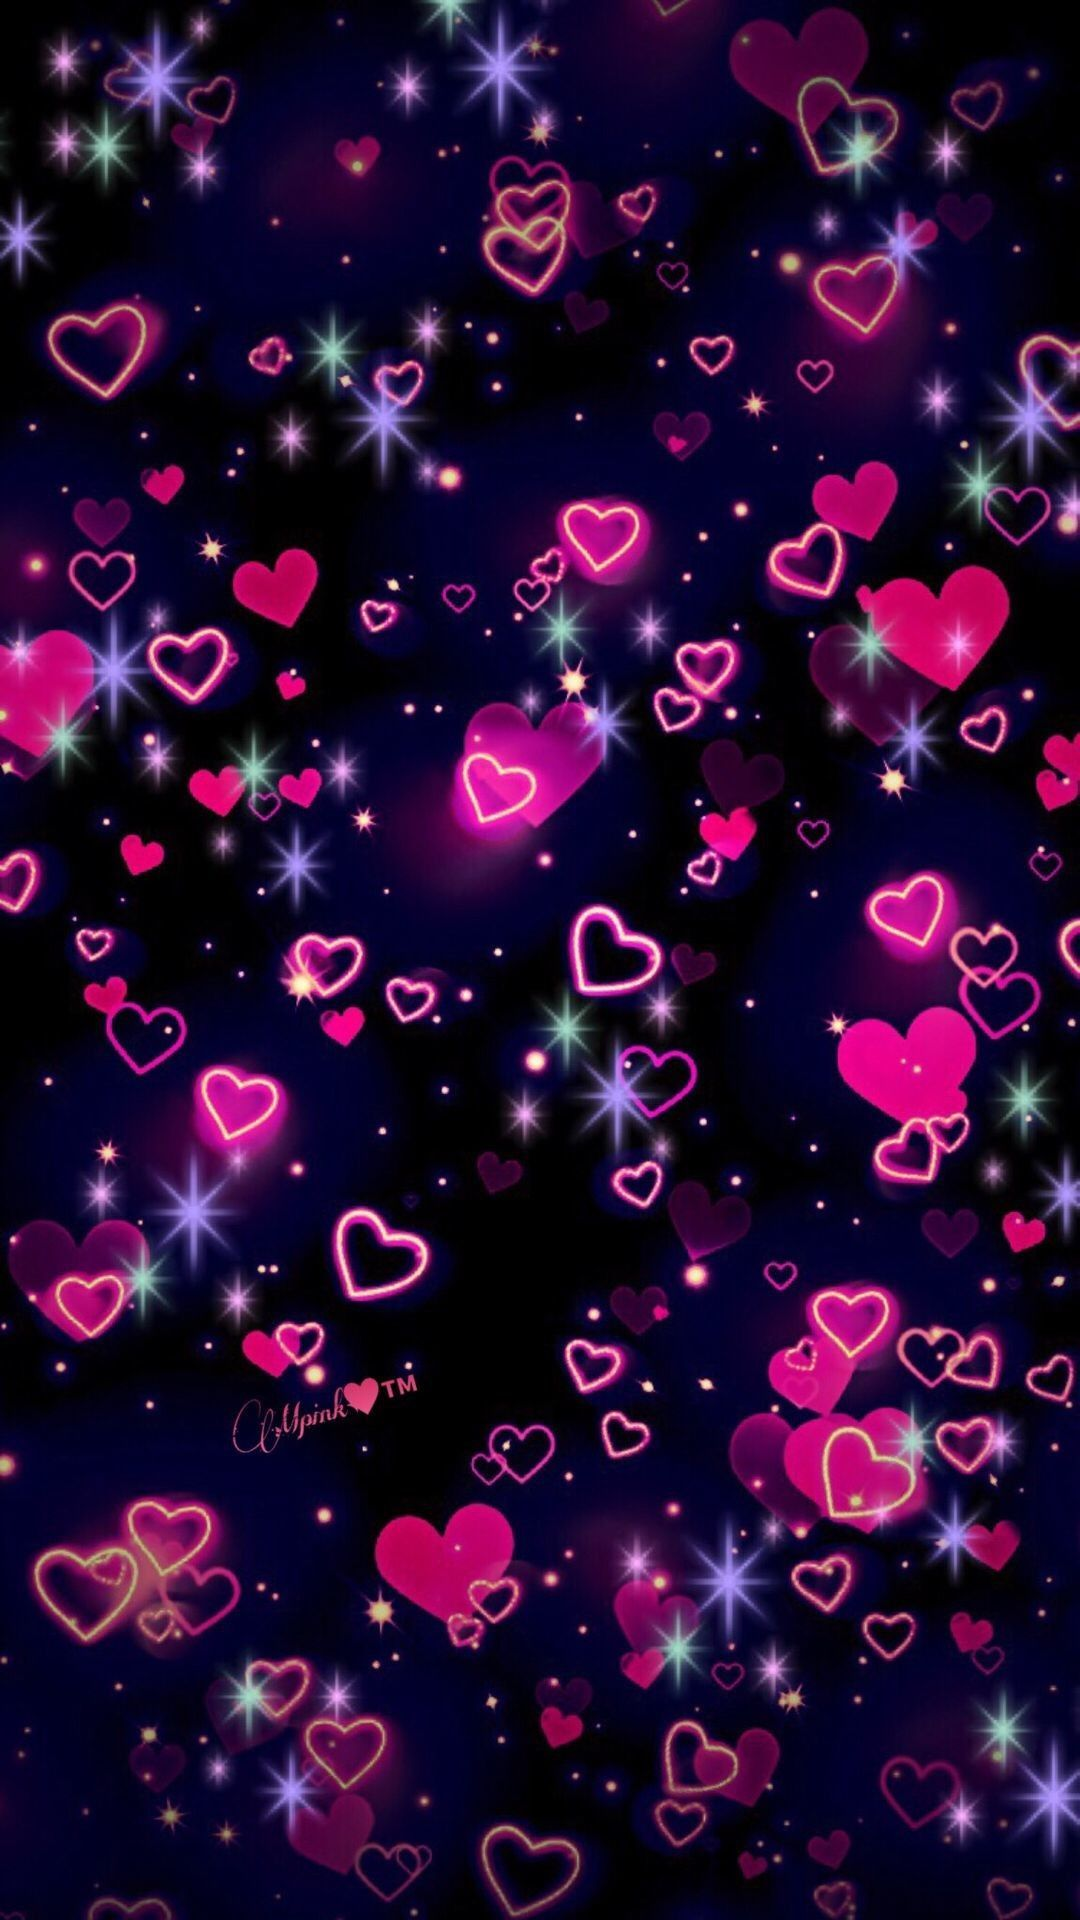 Contexte Samsung Mignon In 2020 Heart Iphone Wallpaper Bokeh Wallpaper Heart Wallpaper